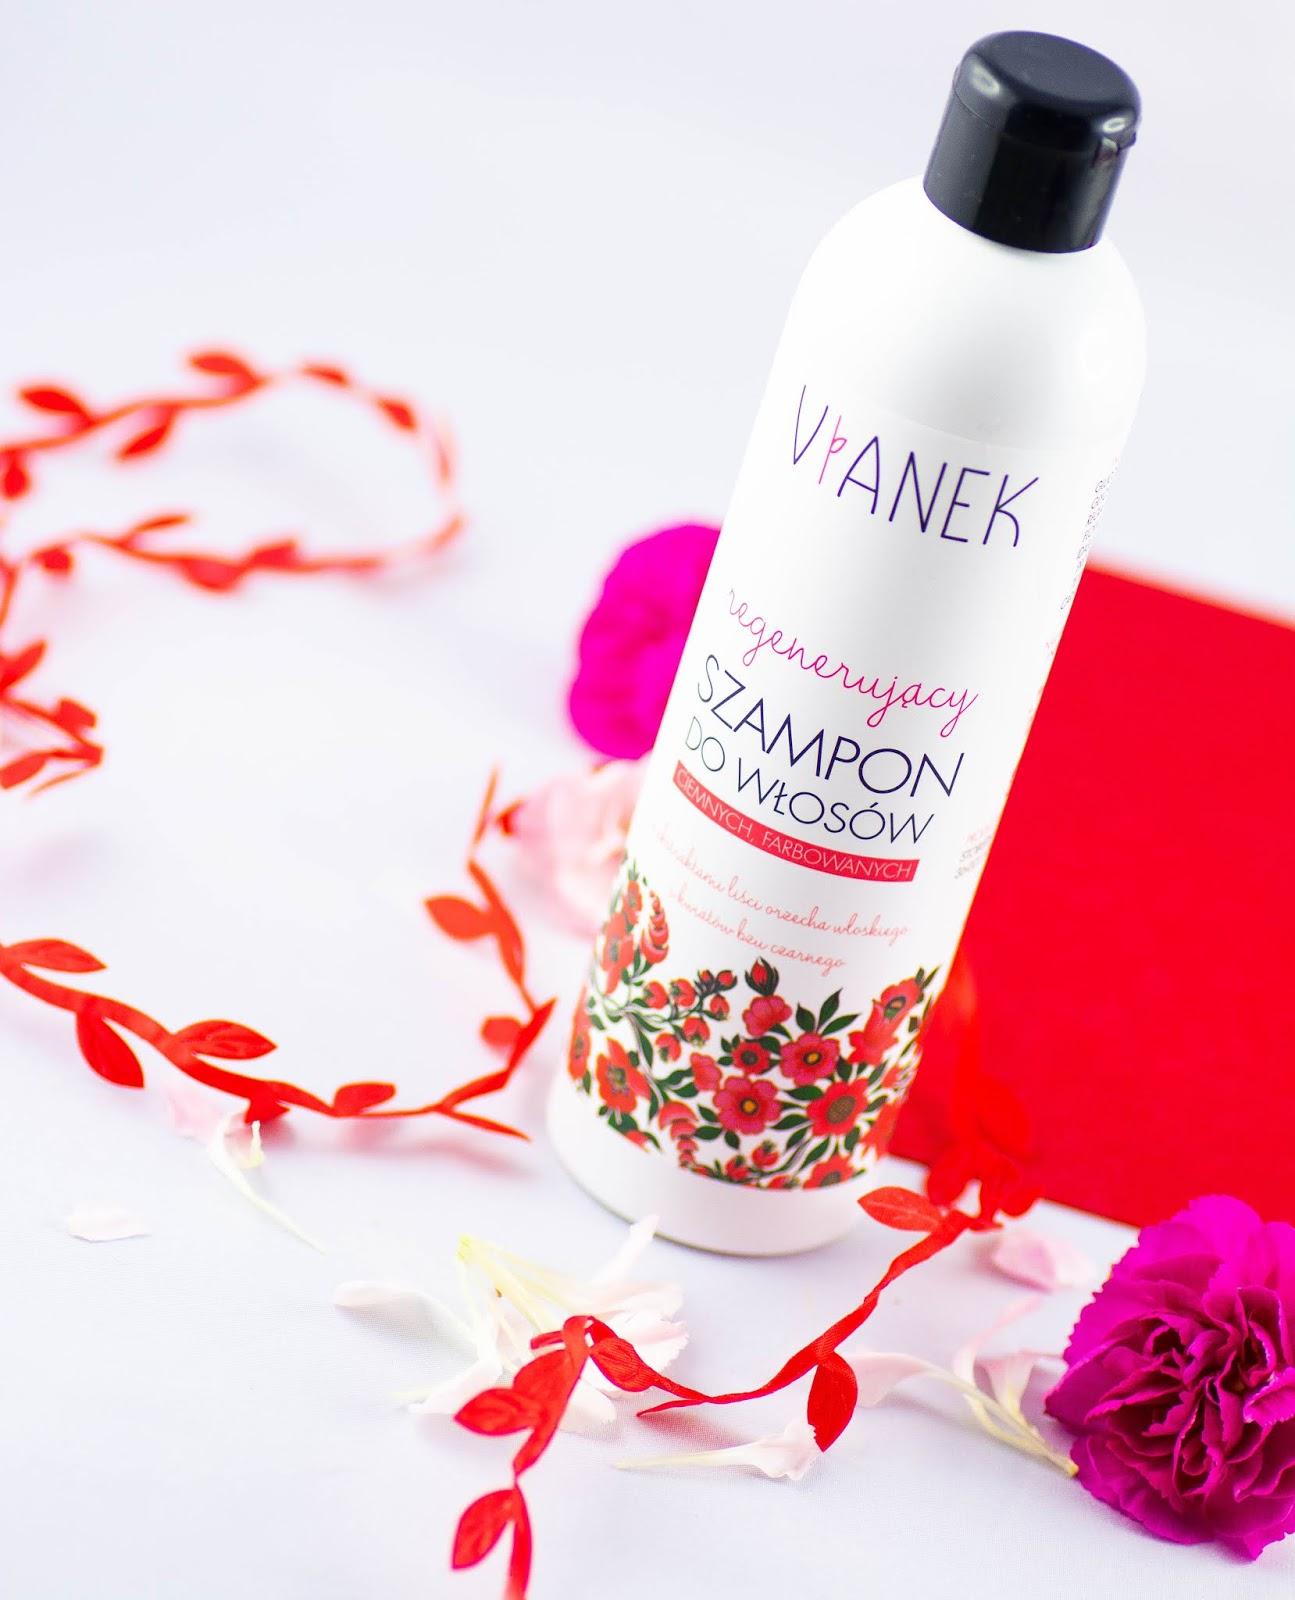 Tanie szampony z dobrym składem.